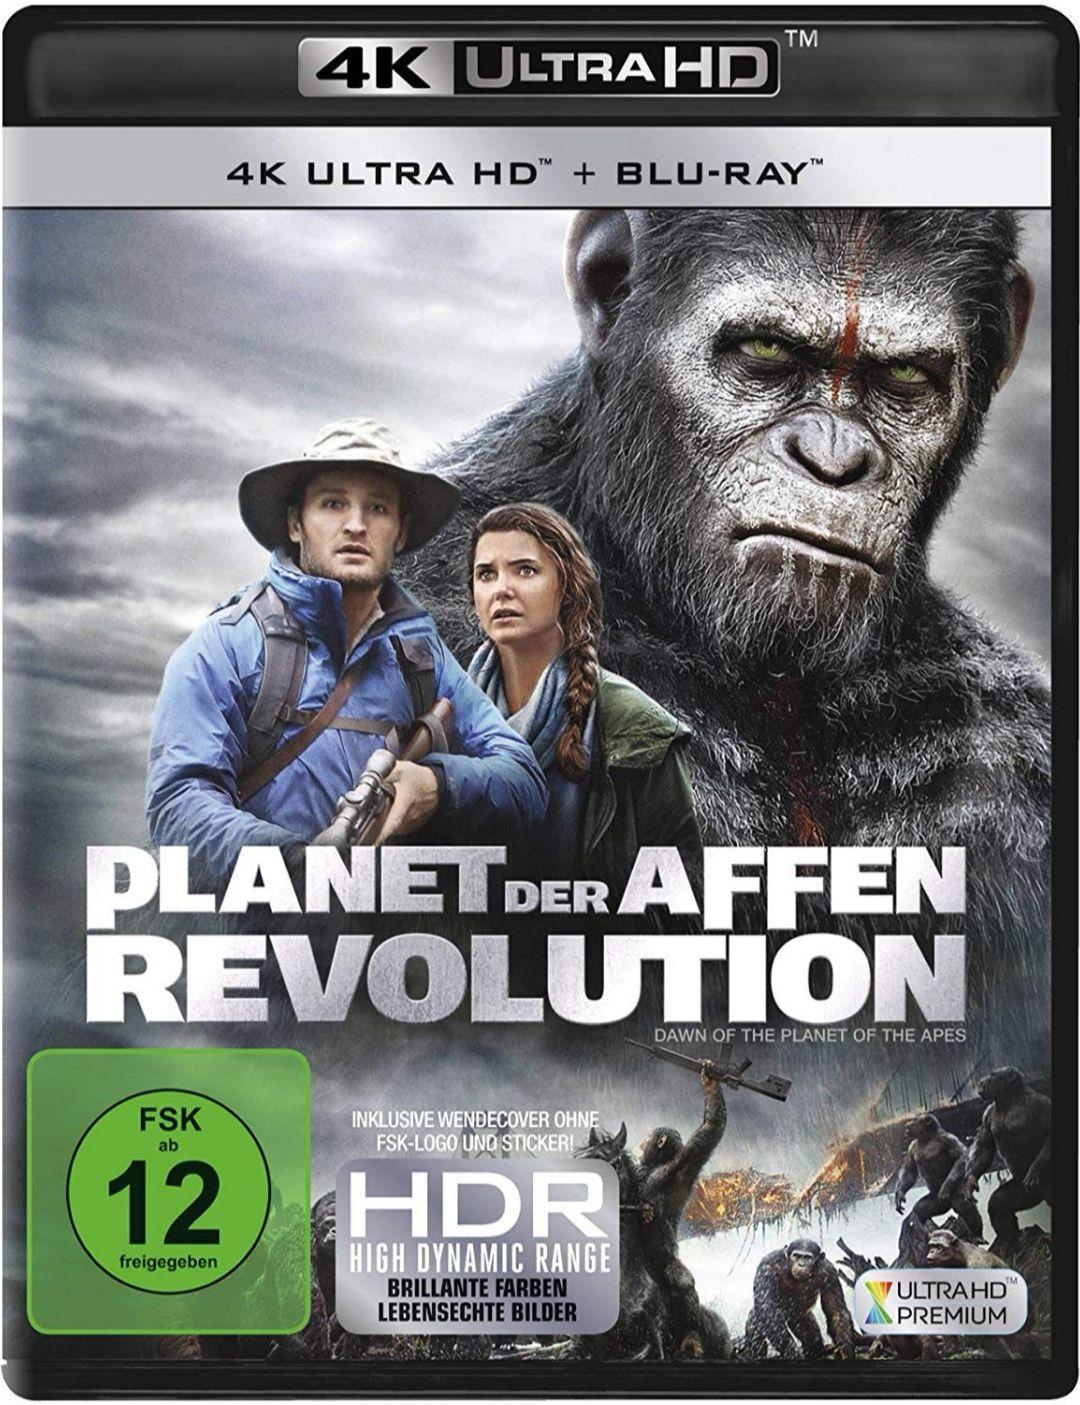 Planet der Affen Revolution 4k auf Amazon Italien